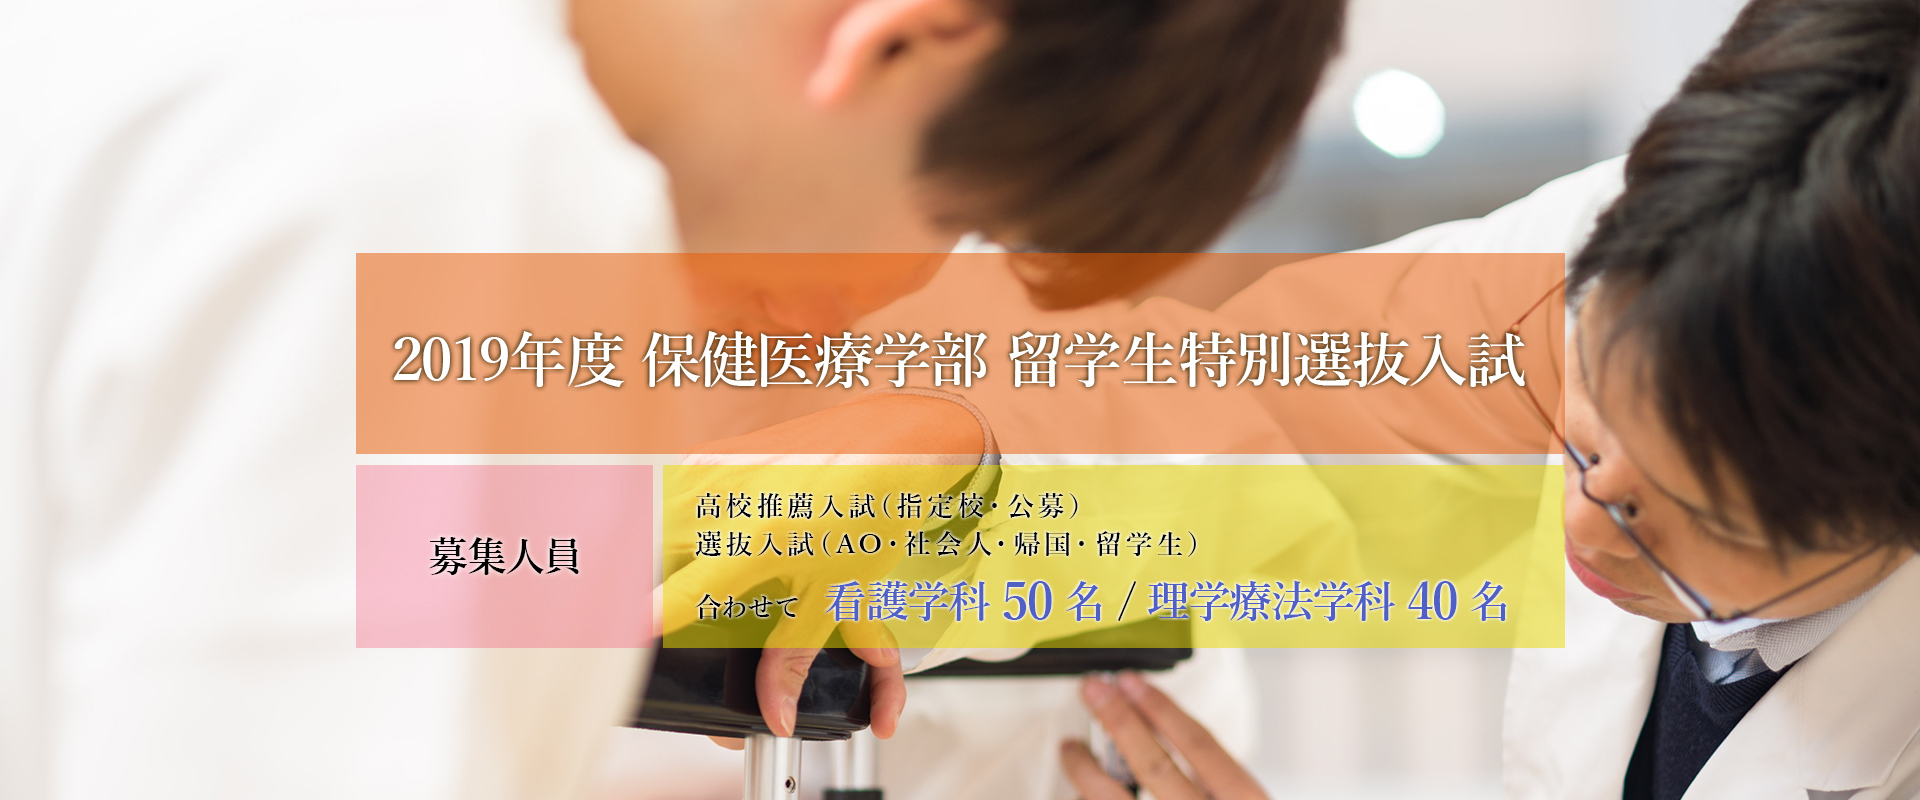 2019年度 保健医療学部 留学生特別選抜入試